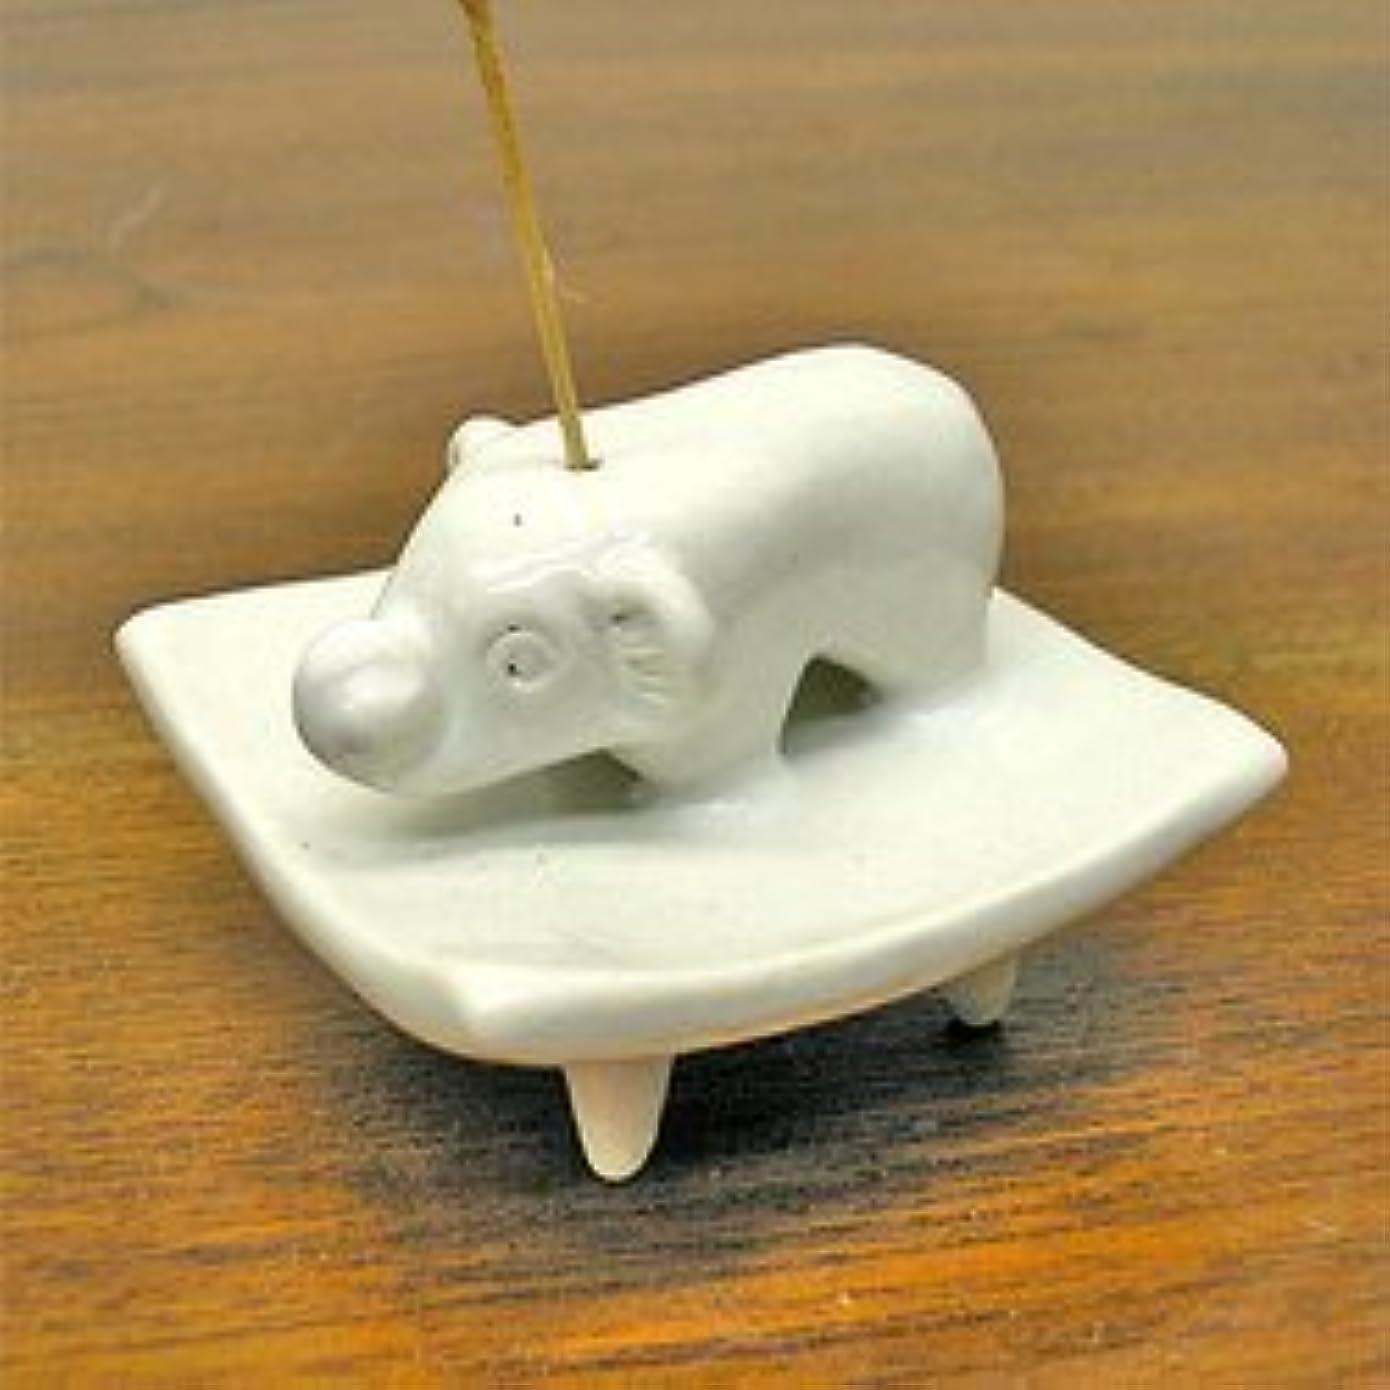 寄生虫横たわる言うまでもなくお皿に乗った象さん お香立て<白> インセンスホルダー/スティックタイプ用お香立て?お香たて アジアン雑貨